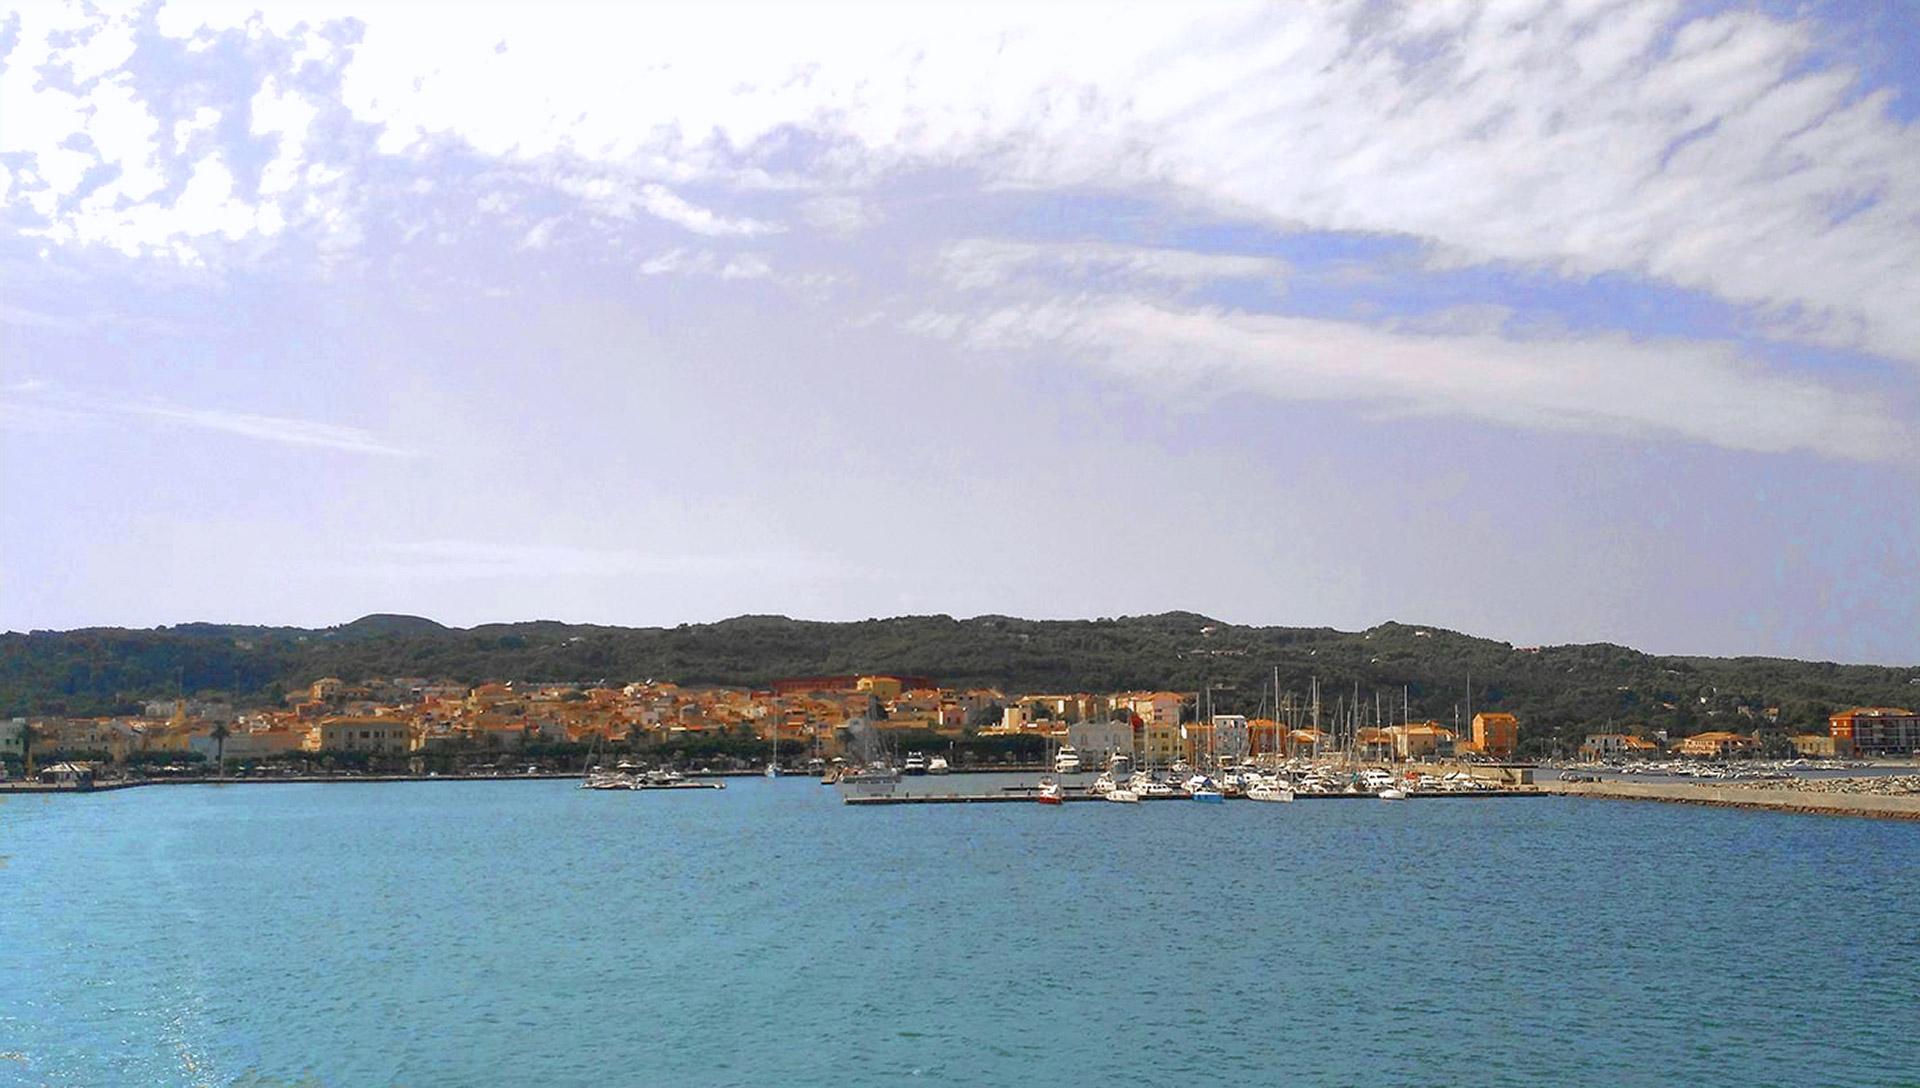 L'isola di San Pietro dal traghetto.